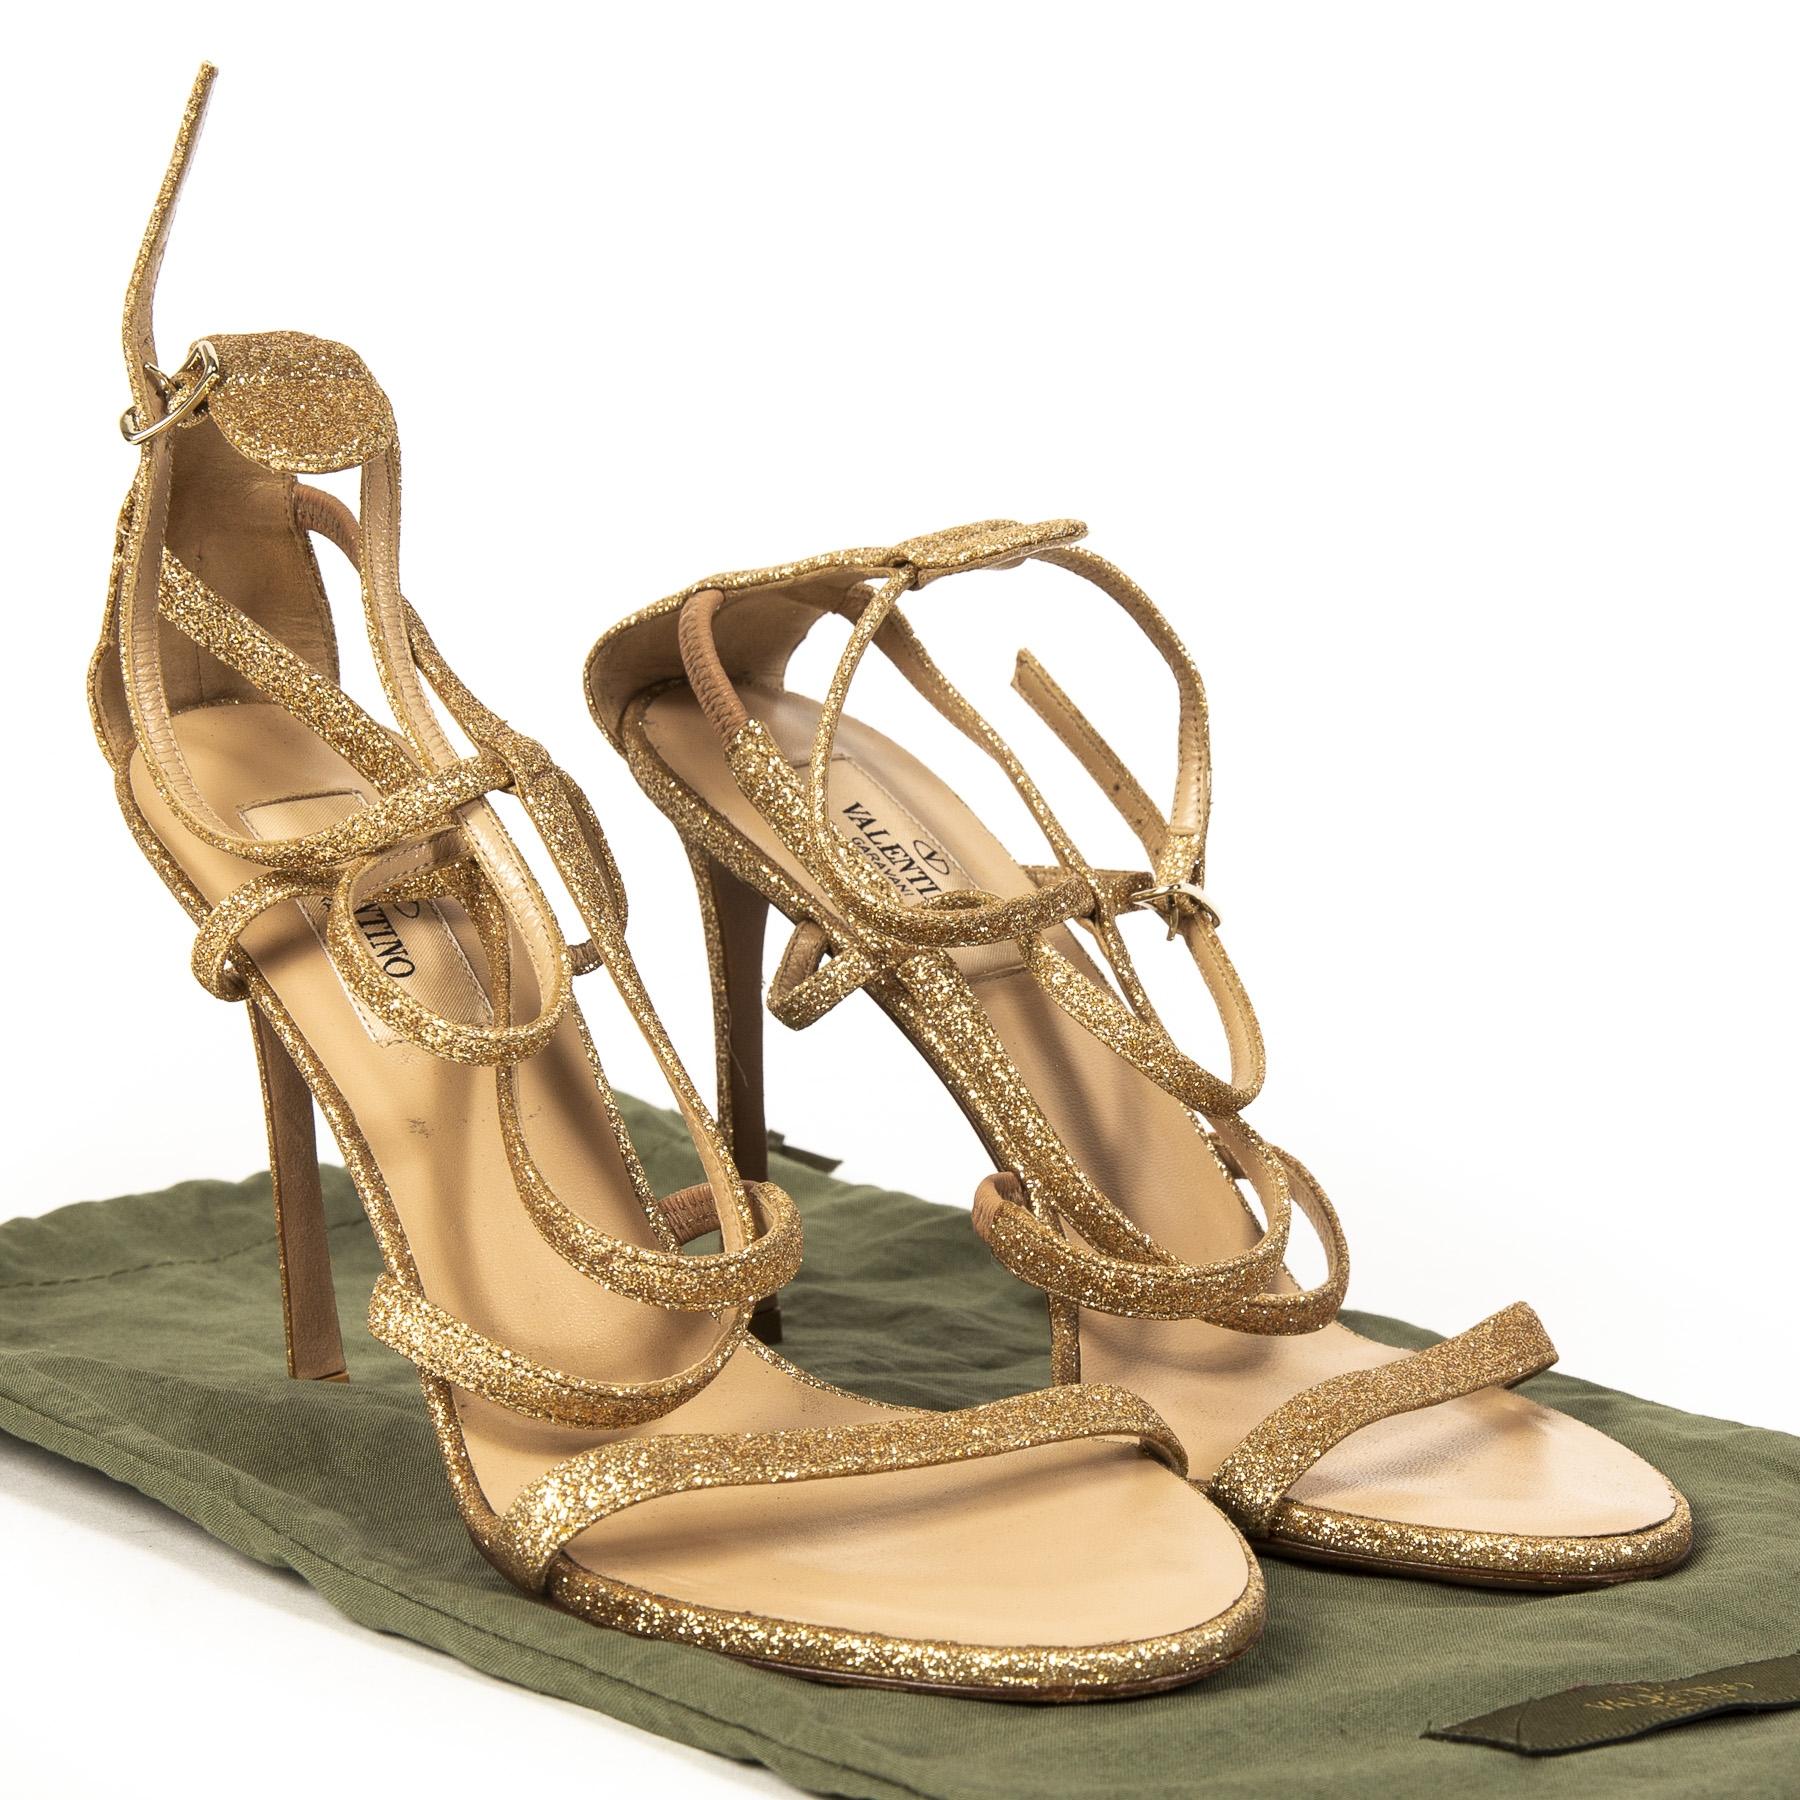 Valentino Glitter Sandal Pumps - size 37